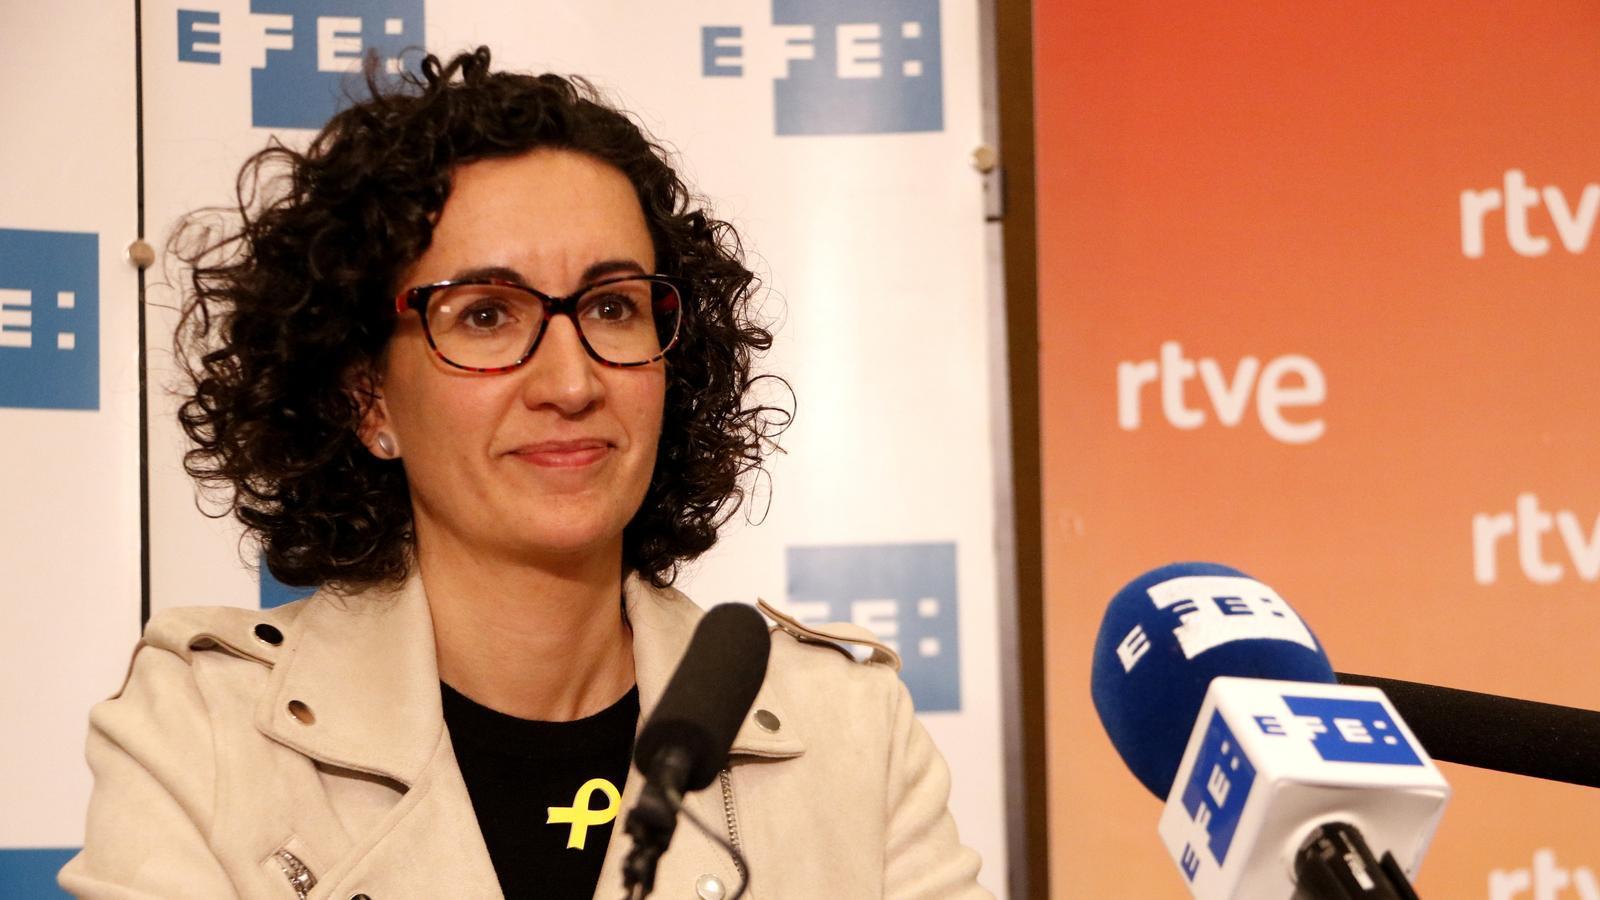 Marta Rovira, durant la roda de premsa organitzada per l'Agència EFE